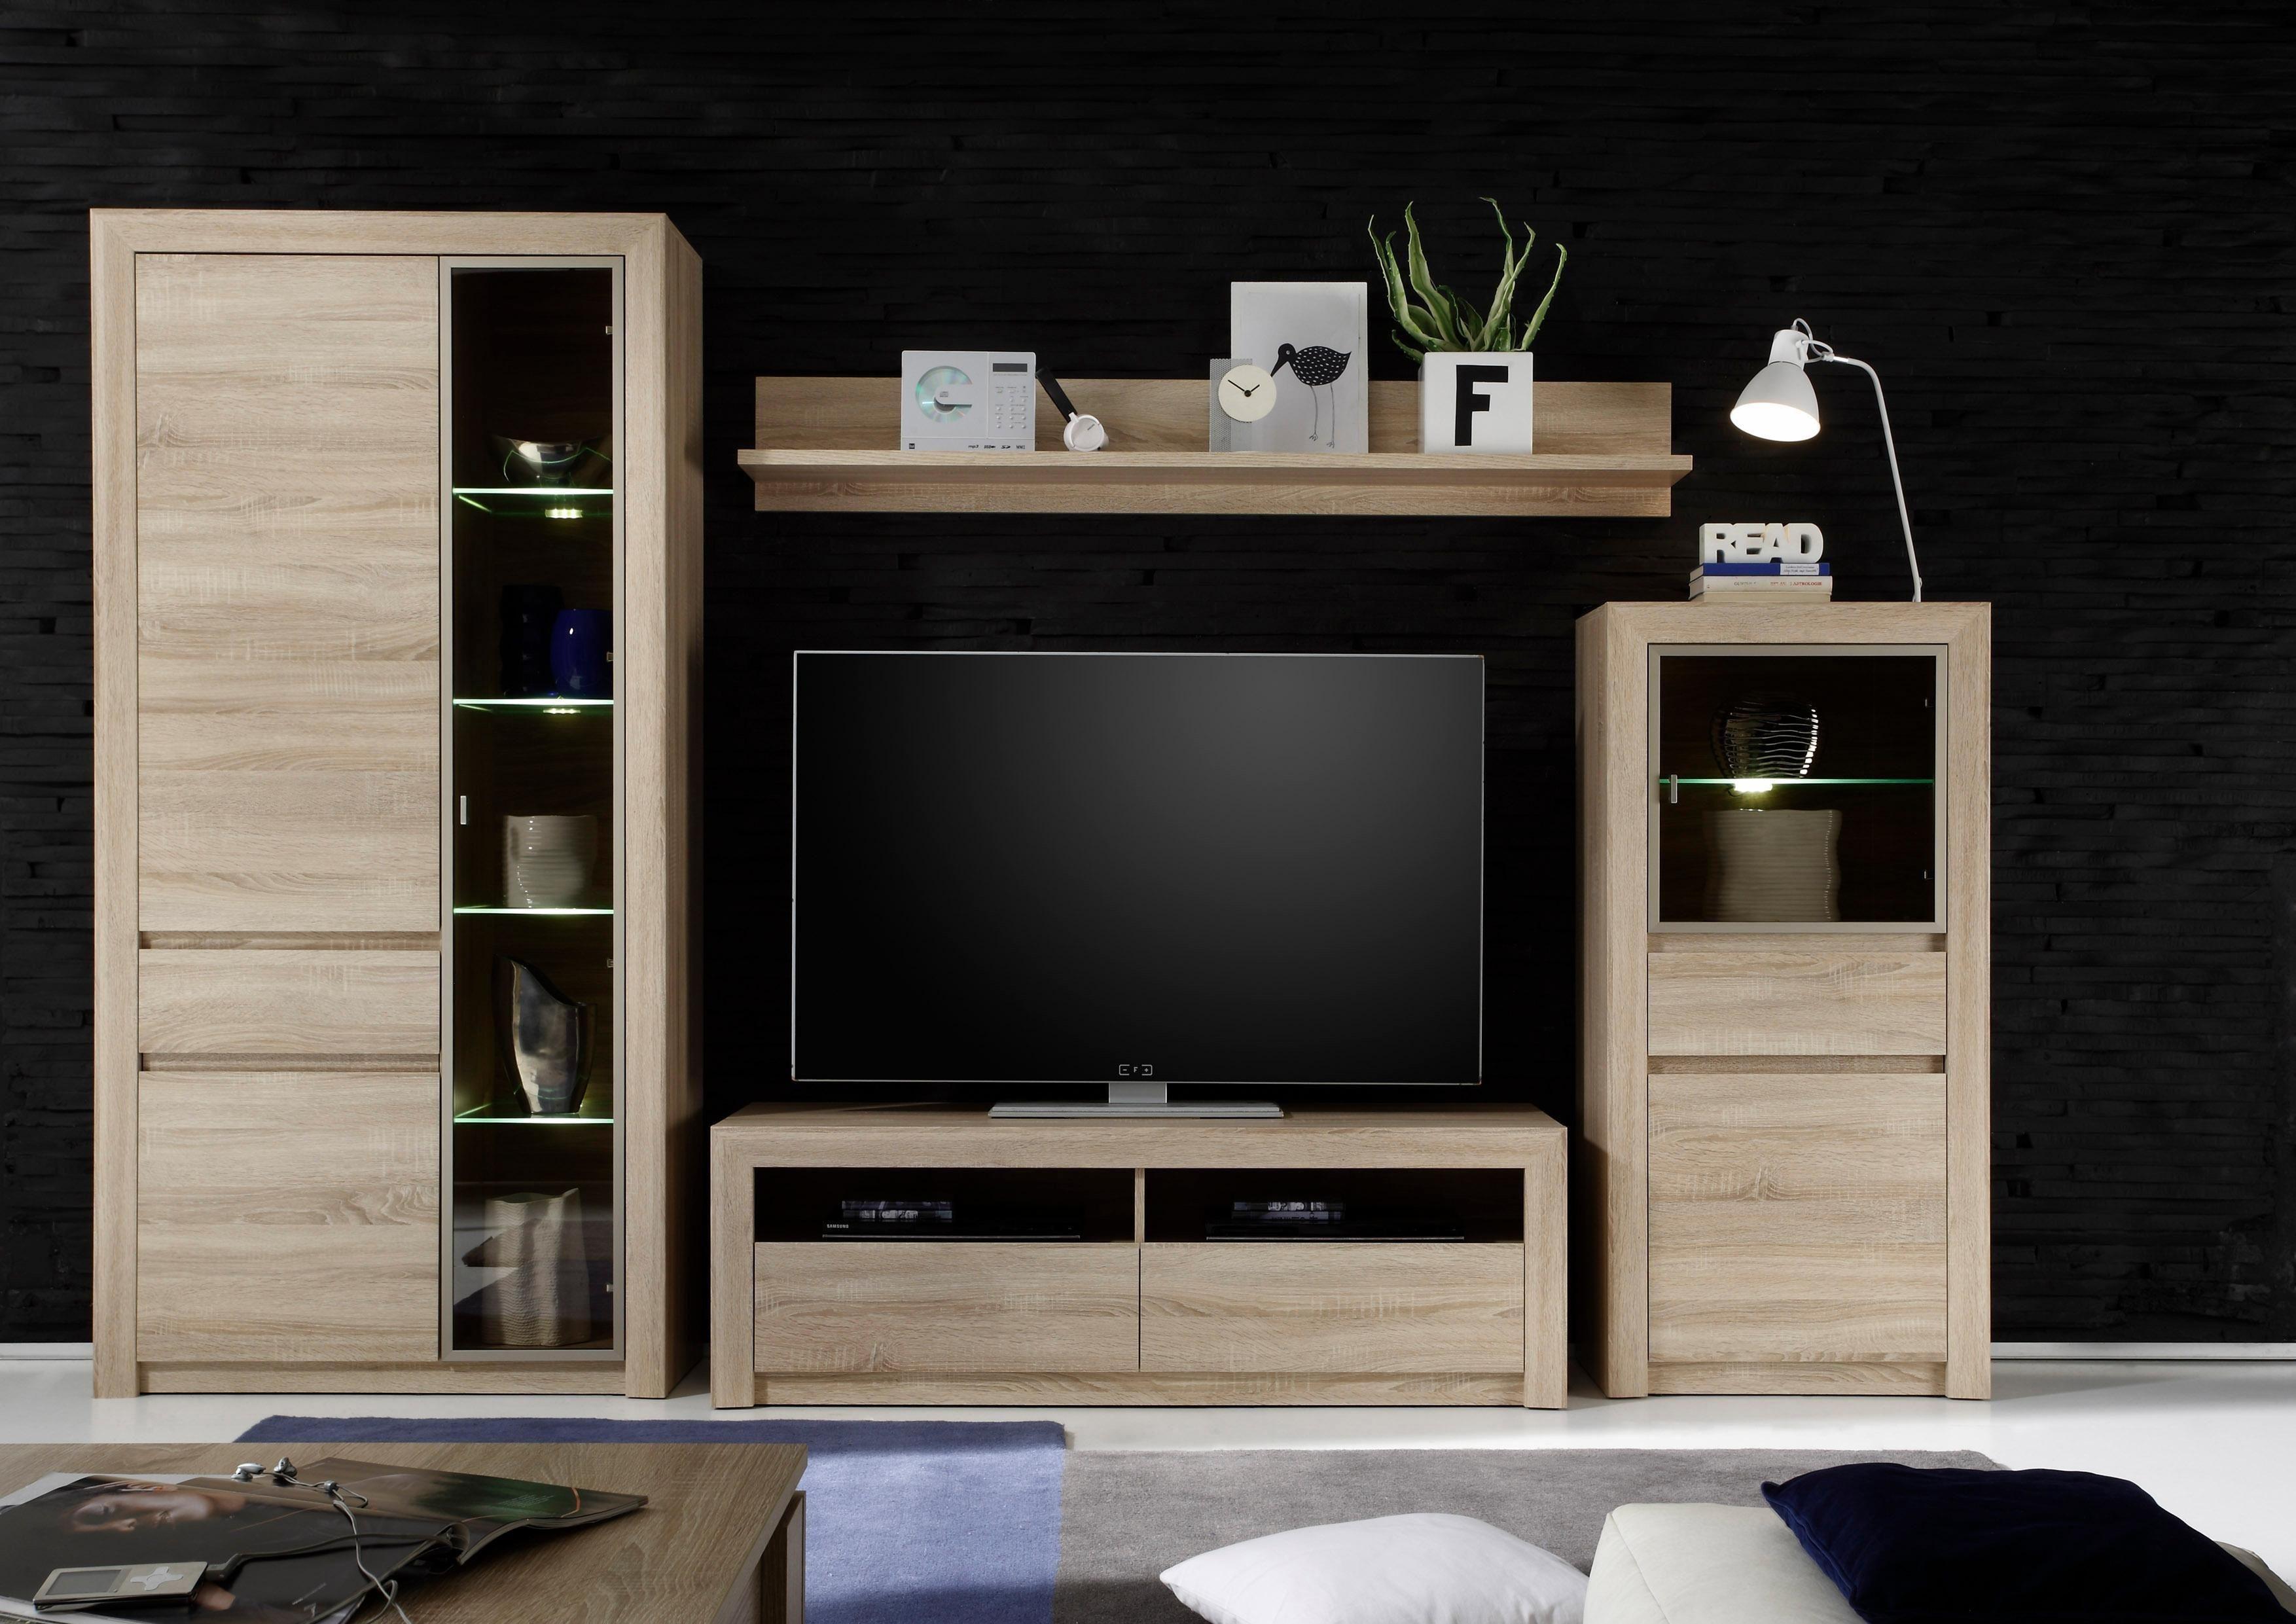 Wohnzimmermobel Weiss Gewischt Mobel Gunstig Online Kaufen